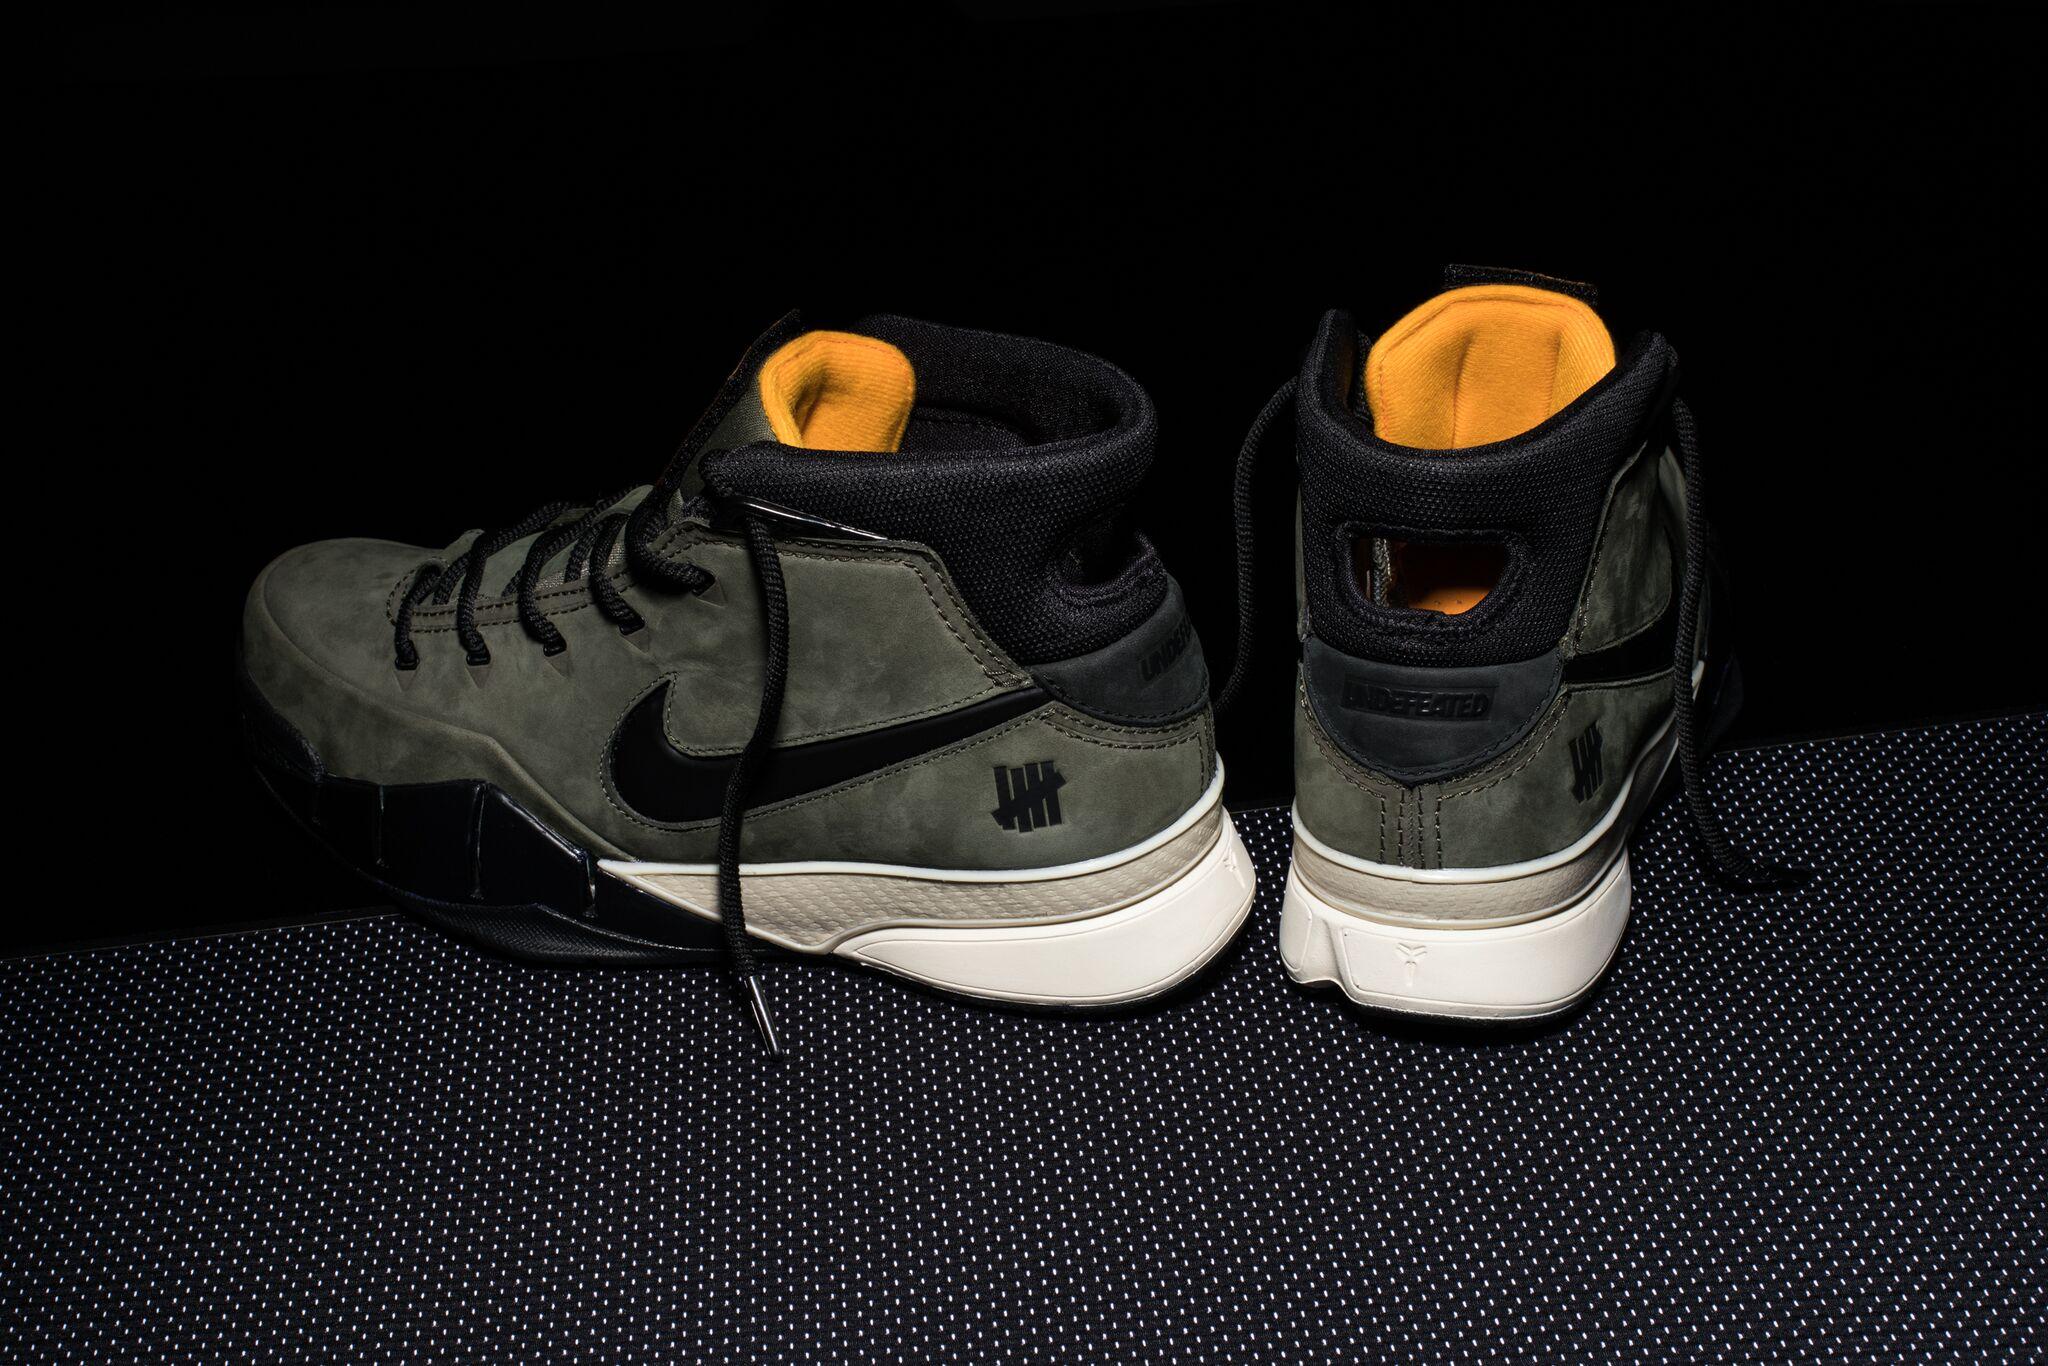 0e8b5fb1bd90 Nike-Kobe-1-Protro-UNDFTD-Flight-Jacket-5 - WearTesters